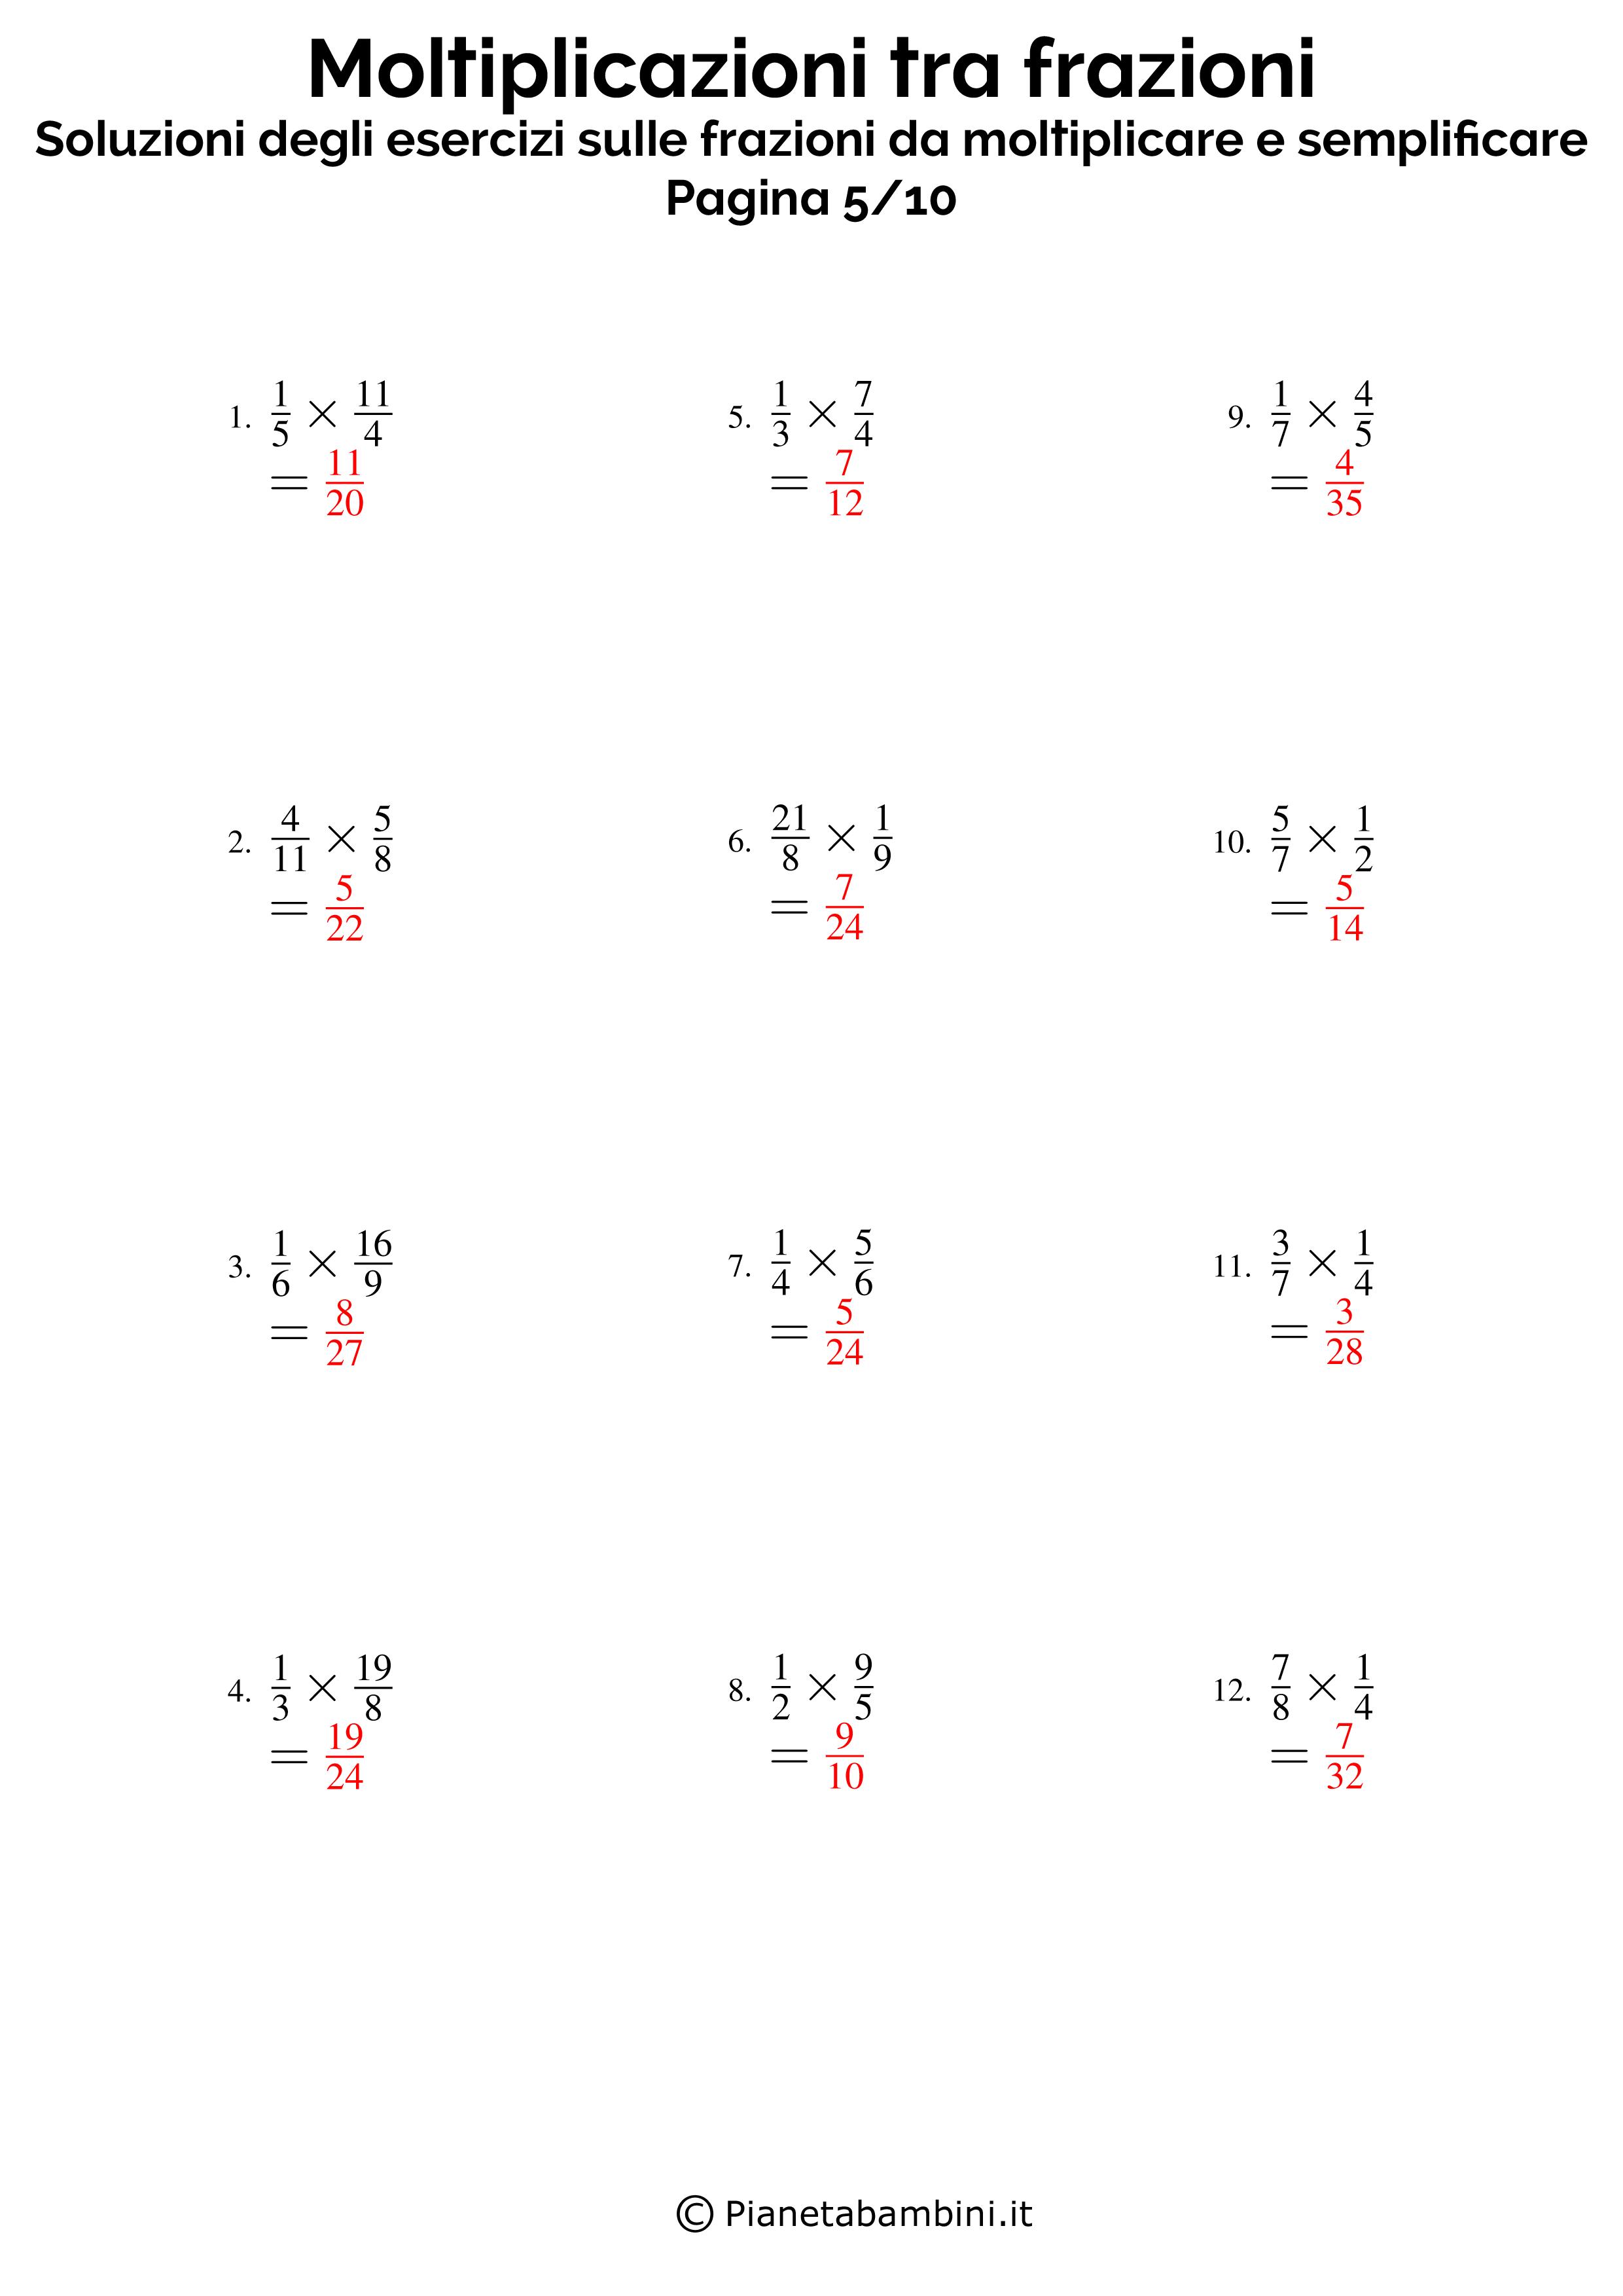 Soluzioni-Frazioni-Moltiplicare-Semplificare_05